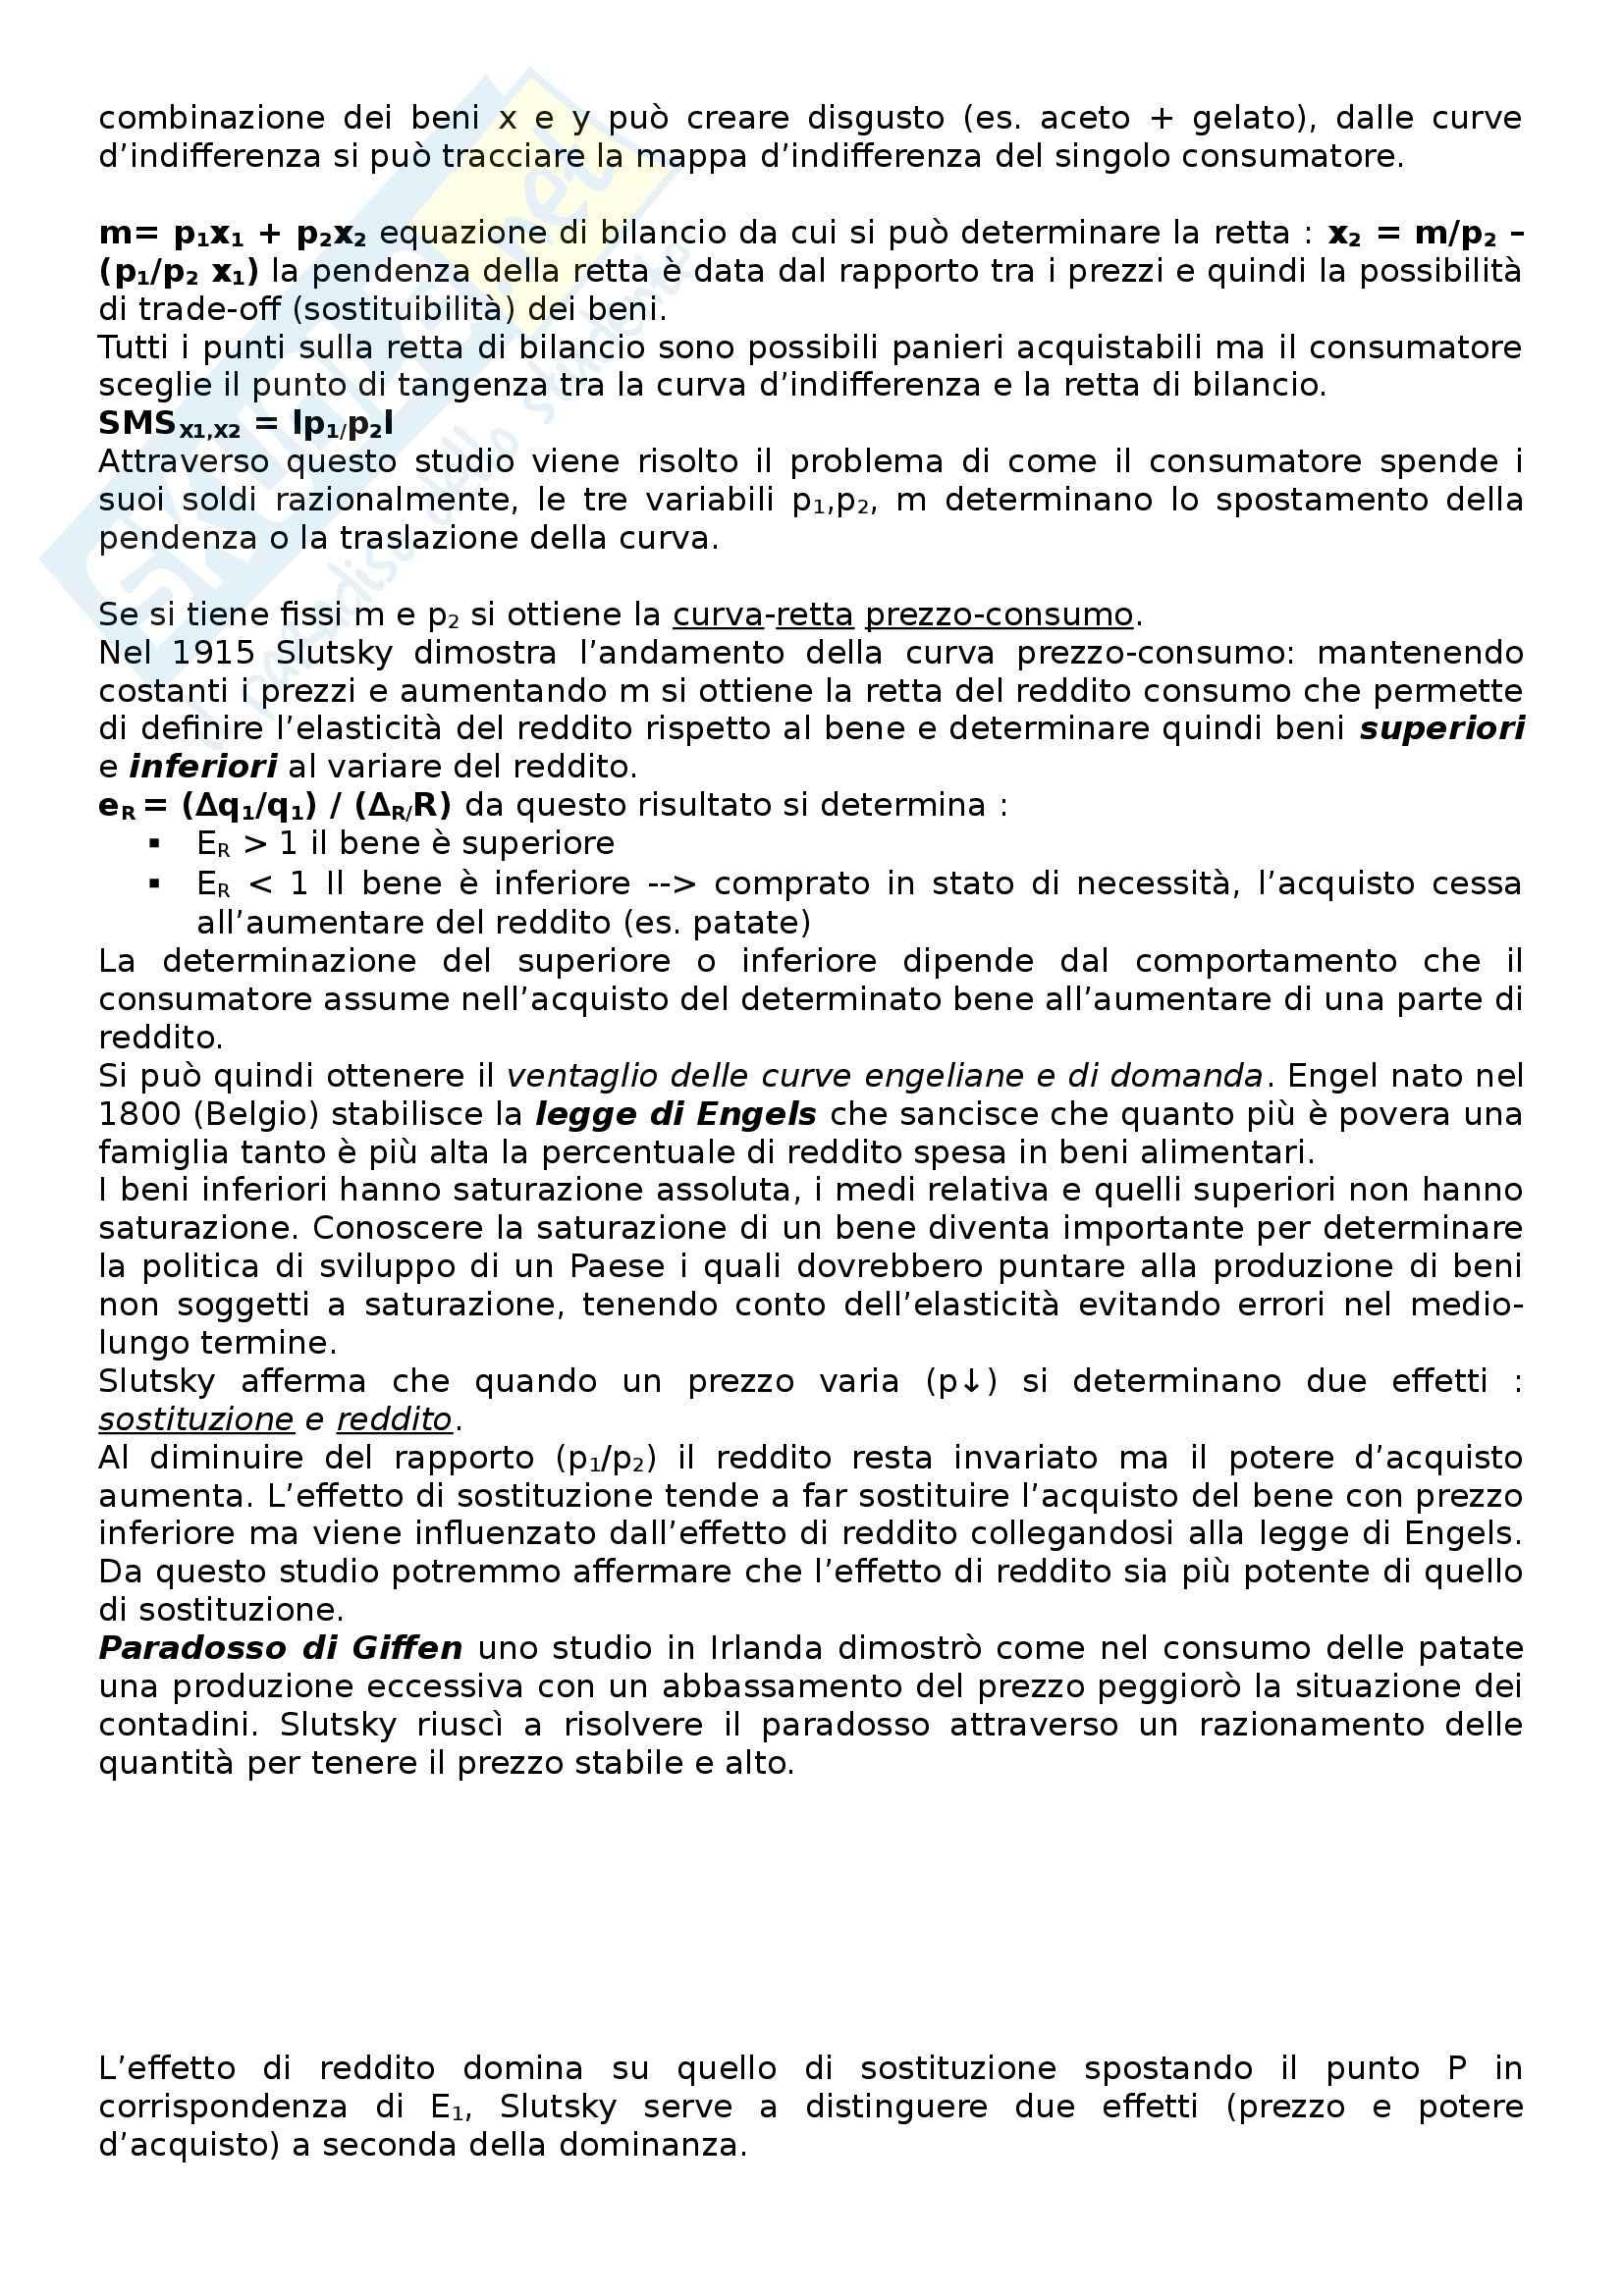 Microeconomia - Appunti Pag. 6